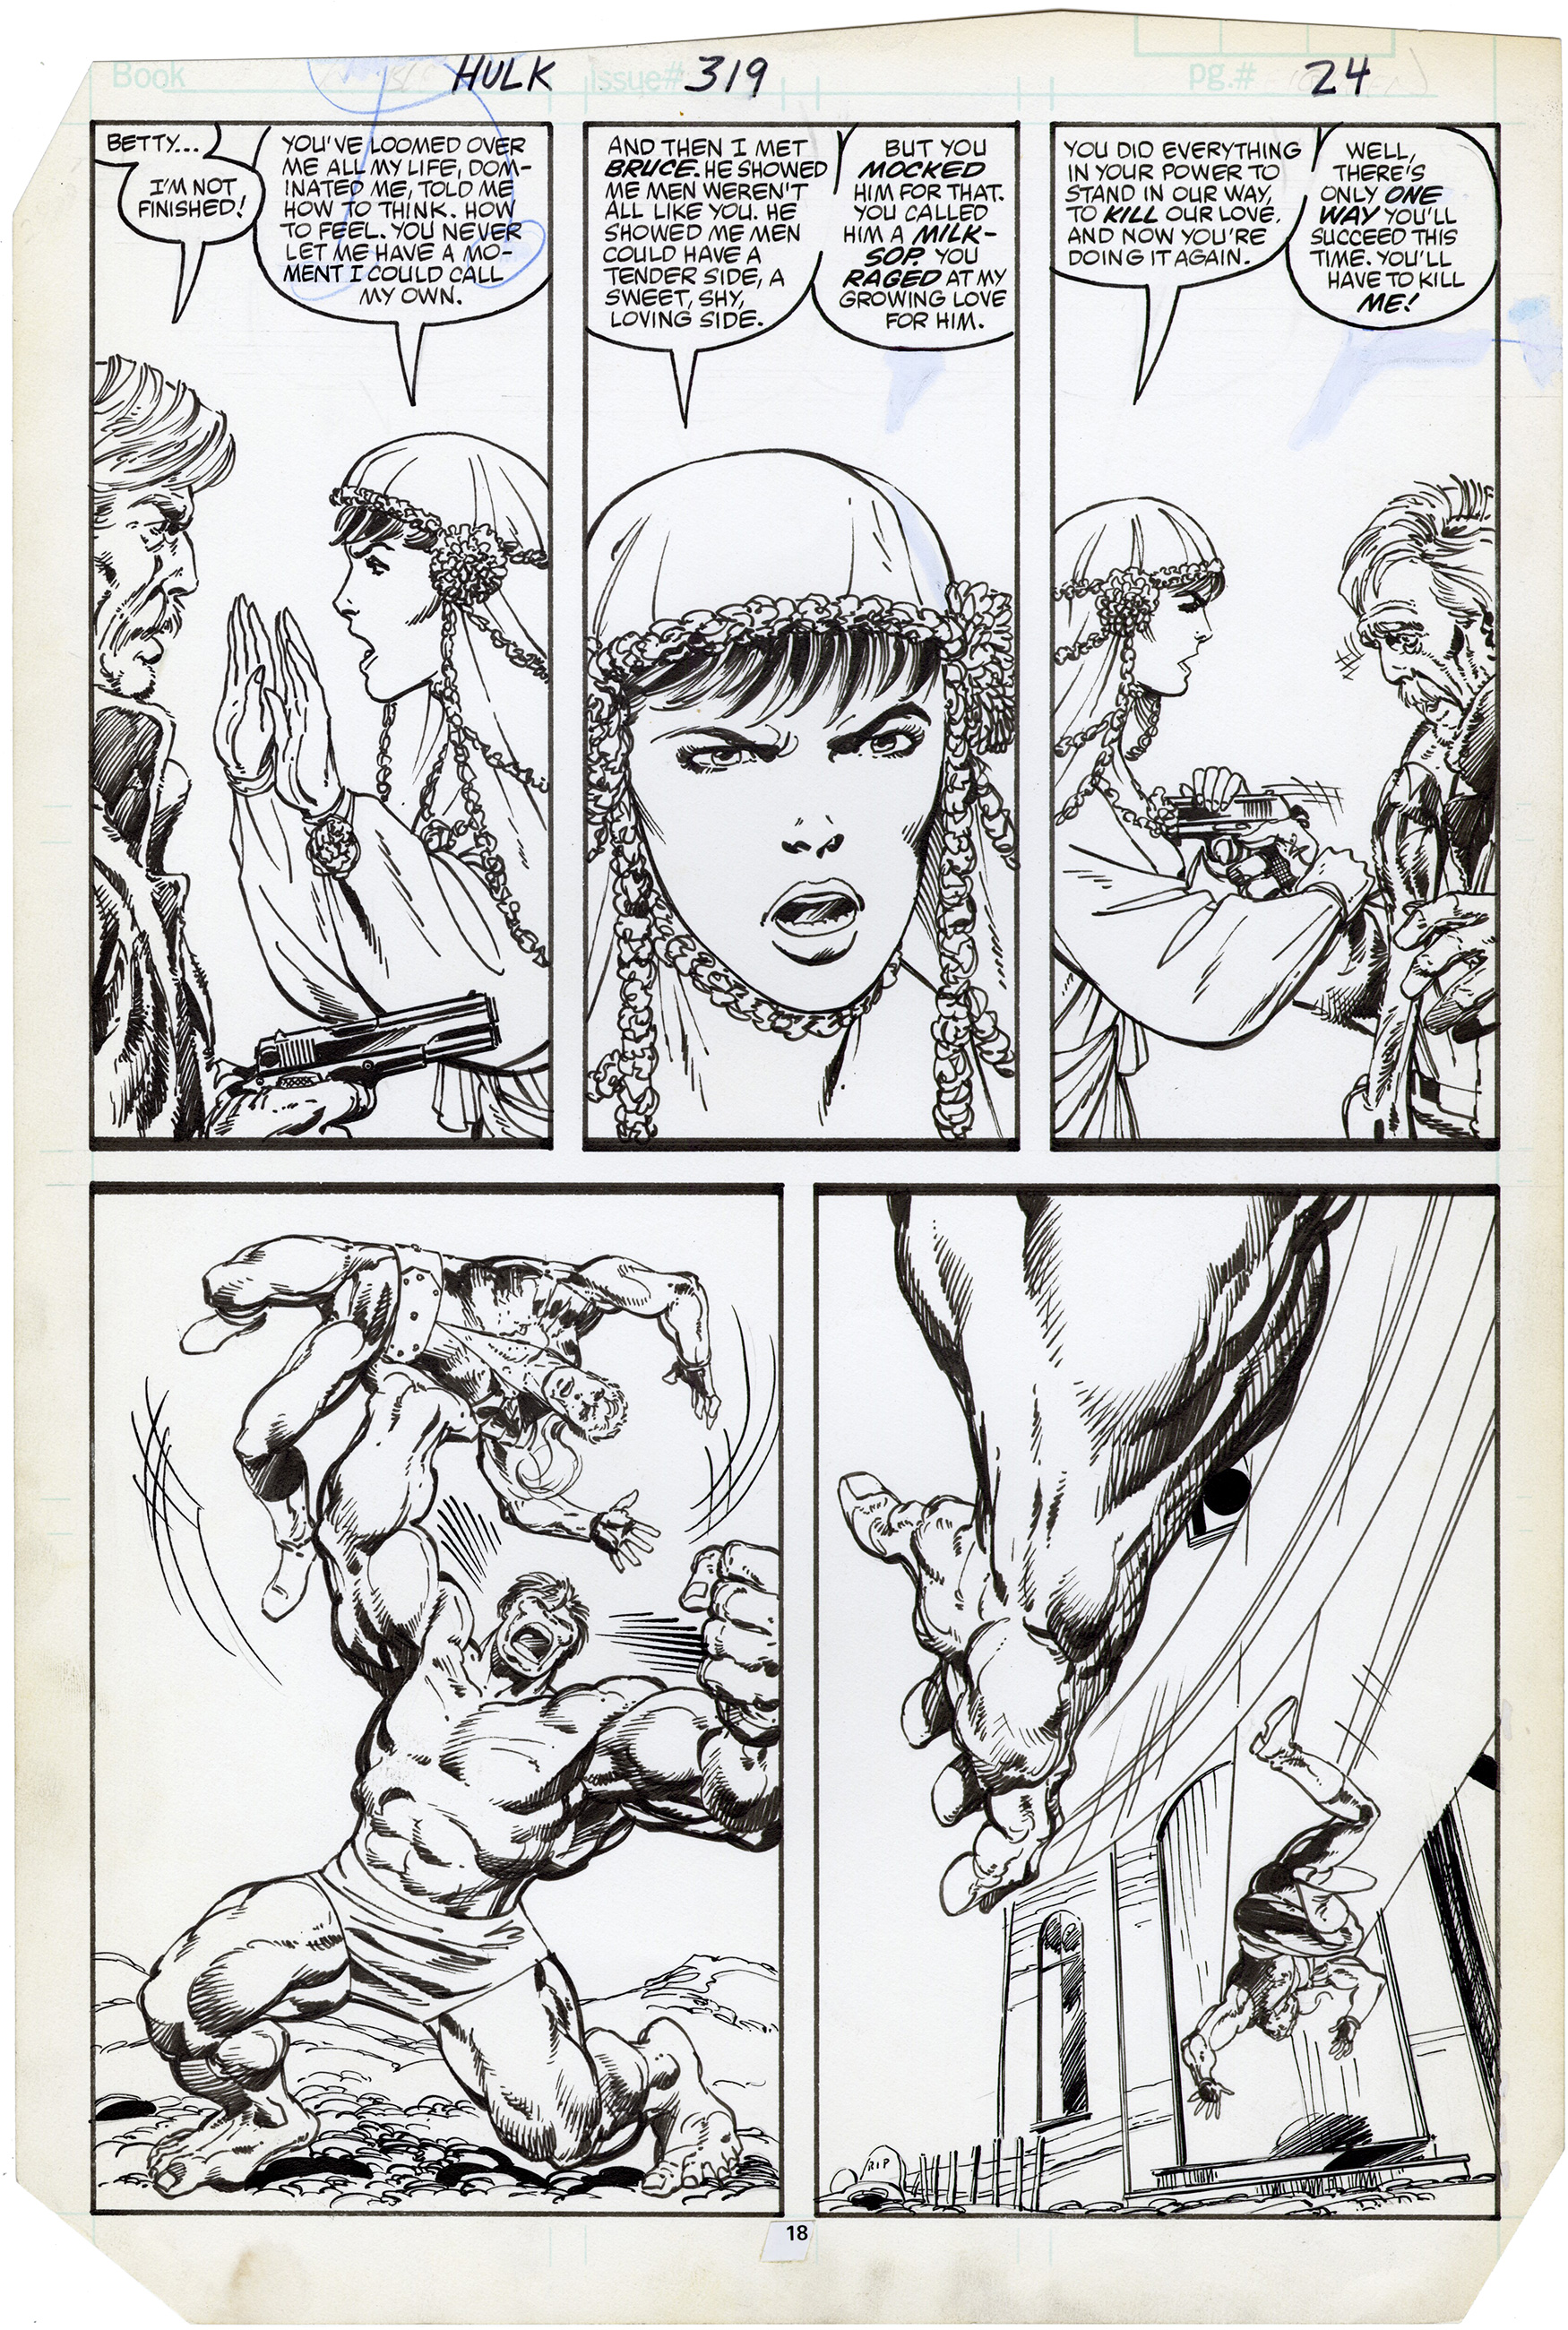 Incredible Hulk #319 p18